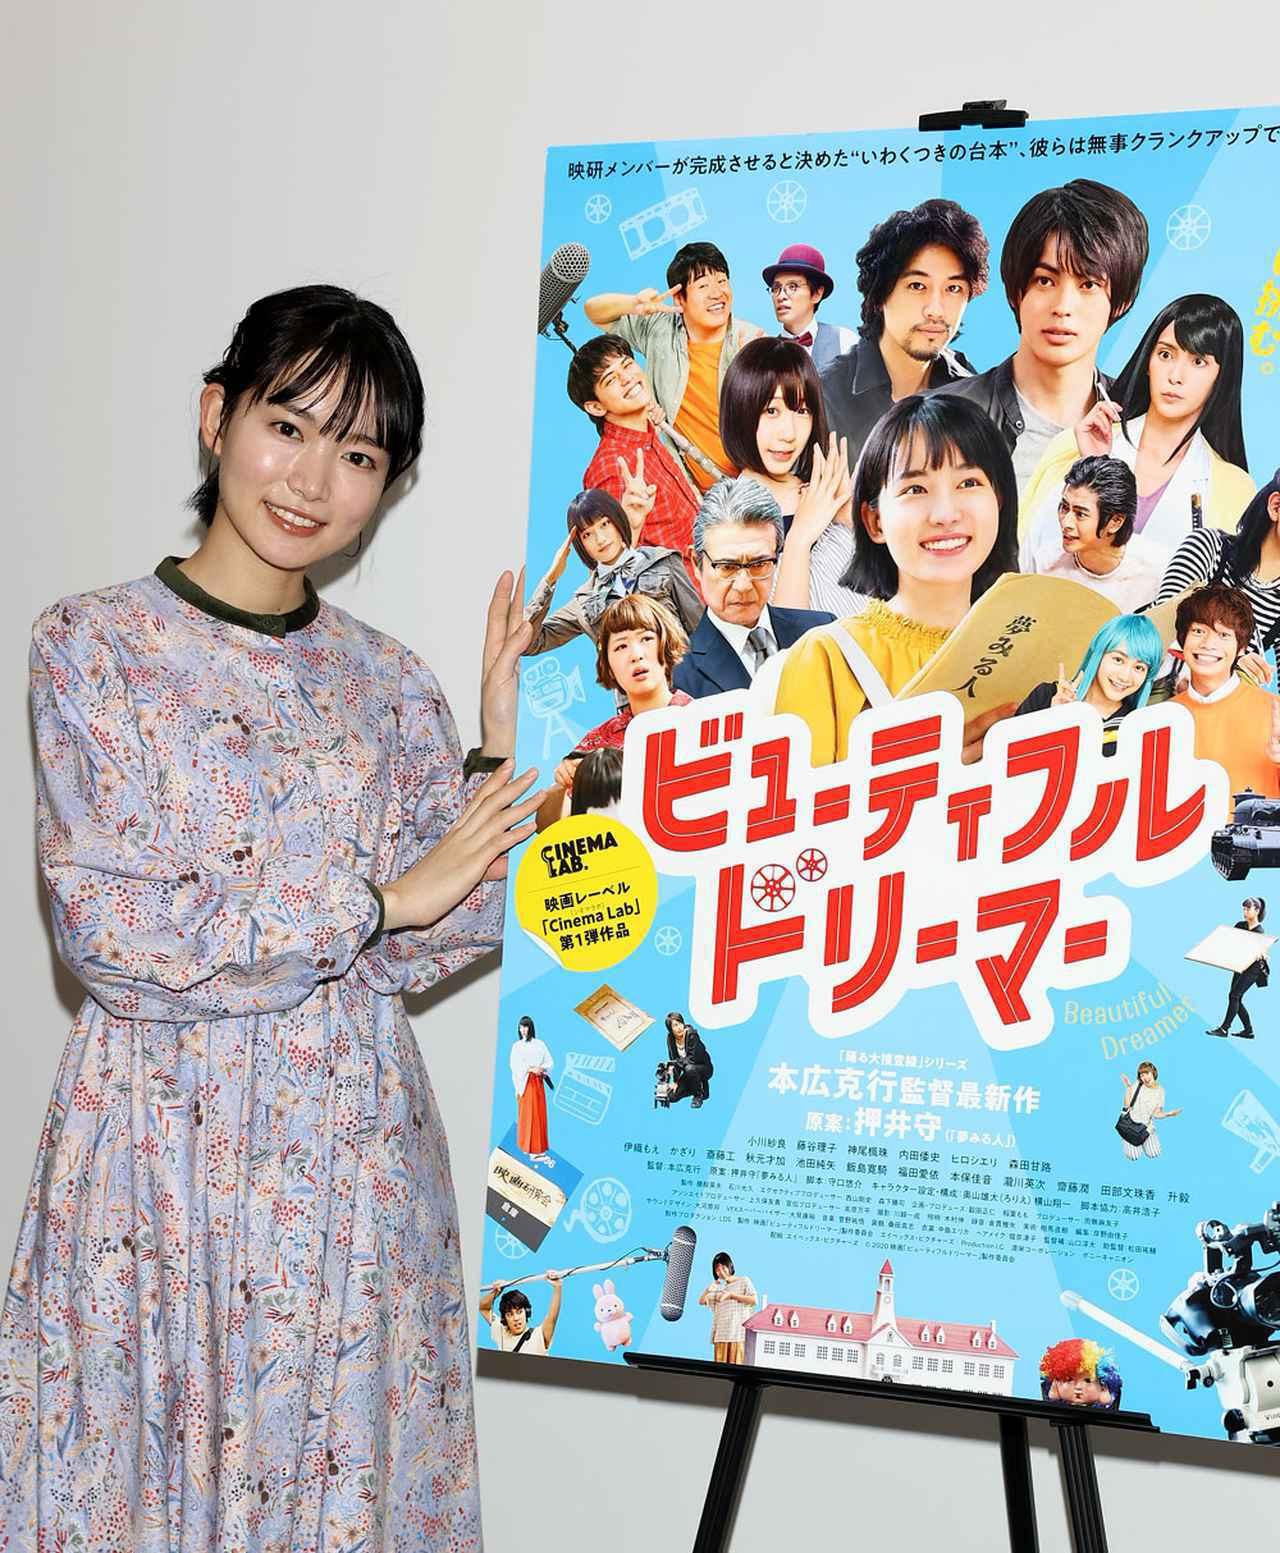 画像3: 新映画レーベル<Cinema Lab>第一弾作『ビューティフルドリーマー』がいよいよ11月6日に公開。主演・小川紗良は「映研メンバーの楽しそうな雰囲気を味わってください」